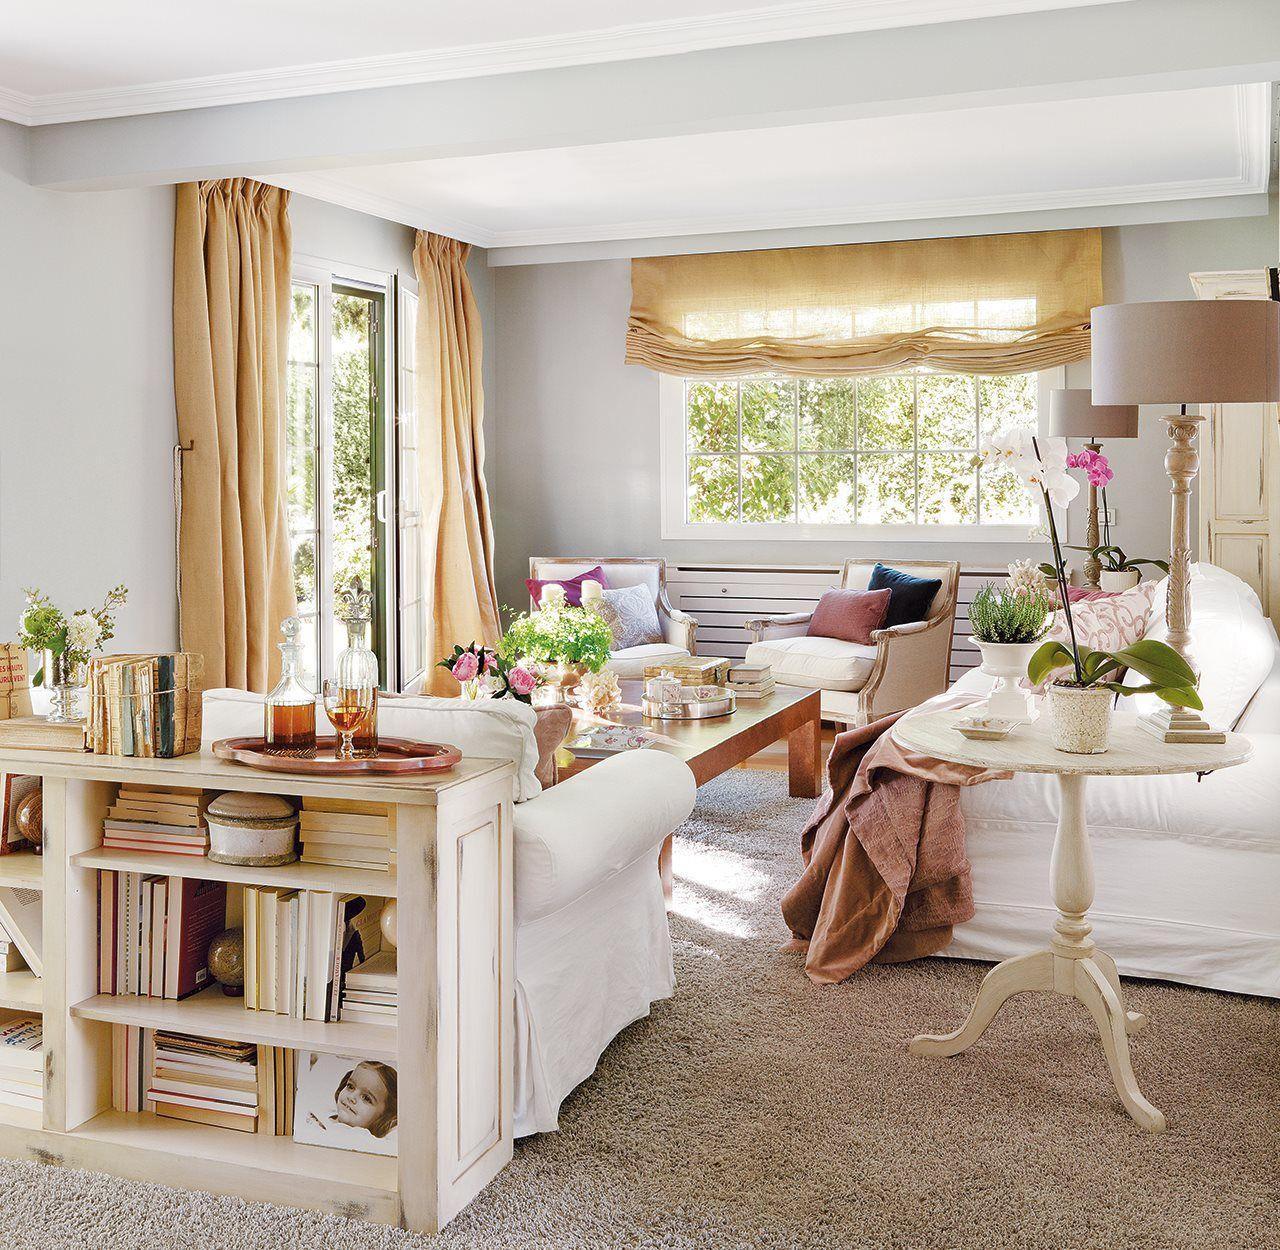 Mueble en la trasera del sof sirve para tener espacio - Sofa para cocina ...